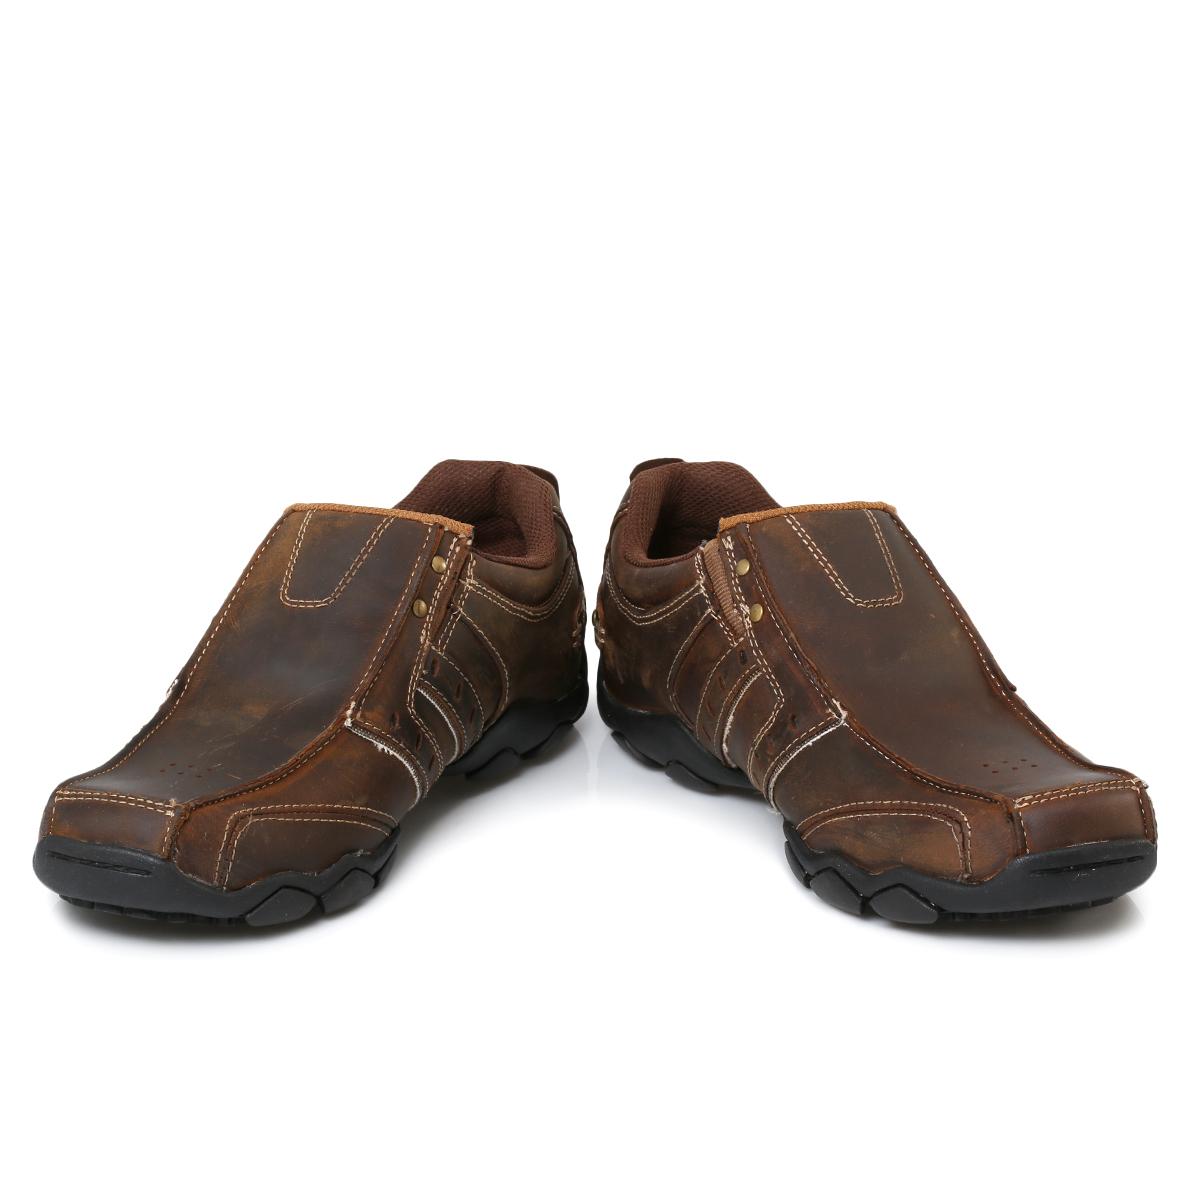 skechers heisman brown leather mens trainers sneakers